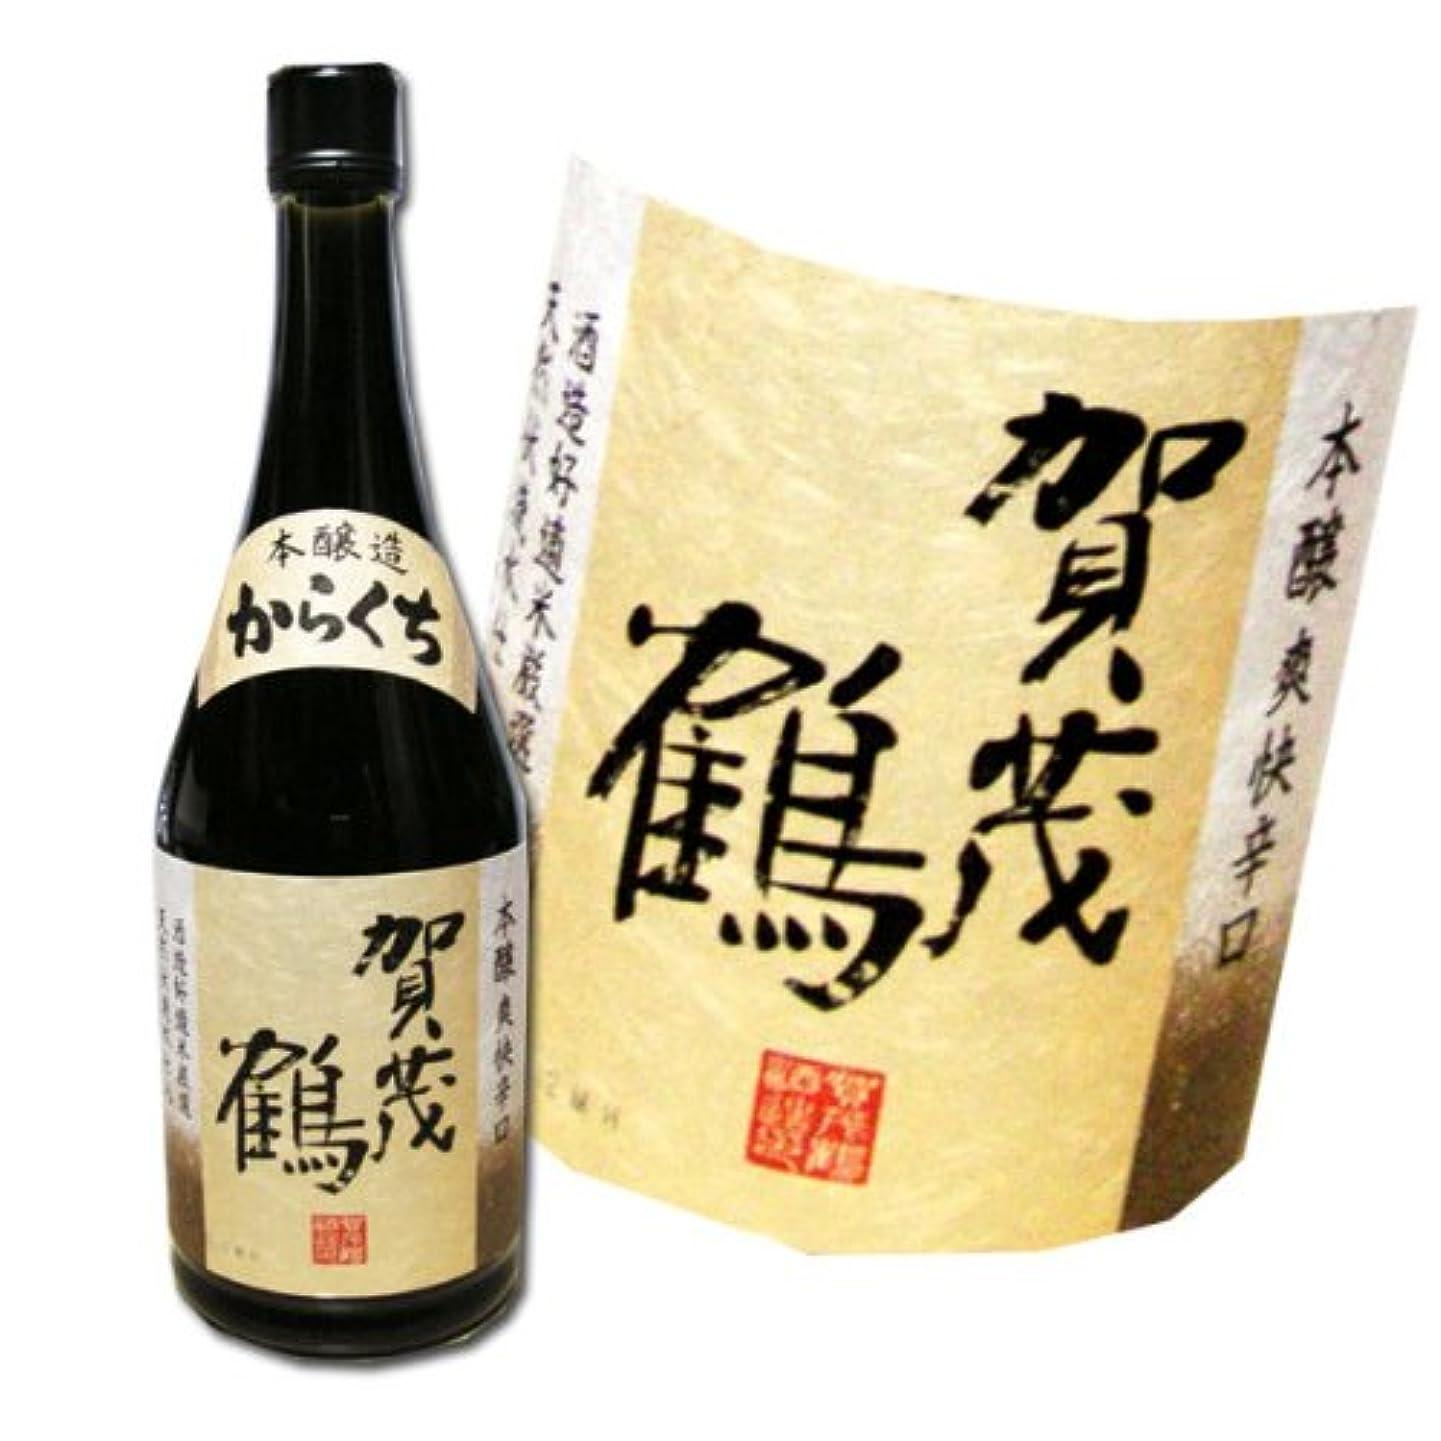 とても多くの道路流【本醸造】【広島】賀茂鶴(カモツル)本醸造からくち 720ml